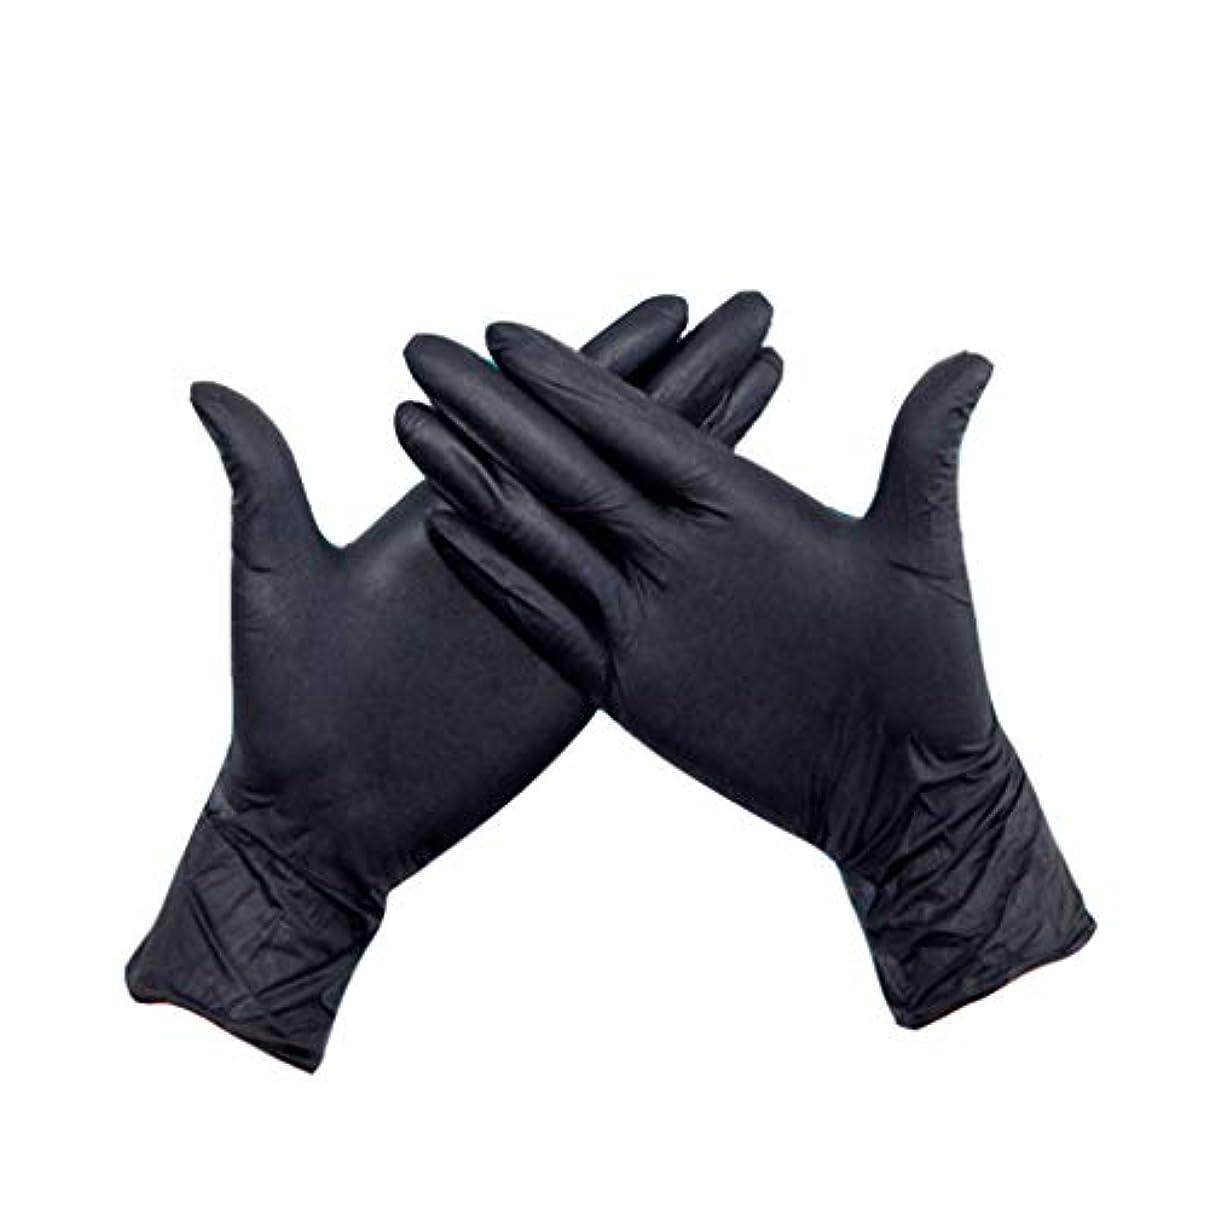 ディスコダイエット自信がある手袋黒丁qing使い捨て手袋耐摩耗性耐酸アルカリ美しさとヘアケア手袋の厚い丁ding清グローブ200 (UnitCount : 300 only)